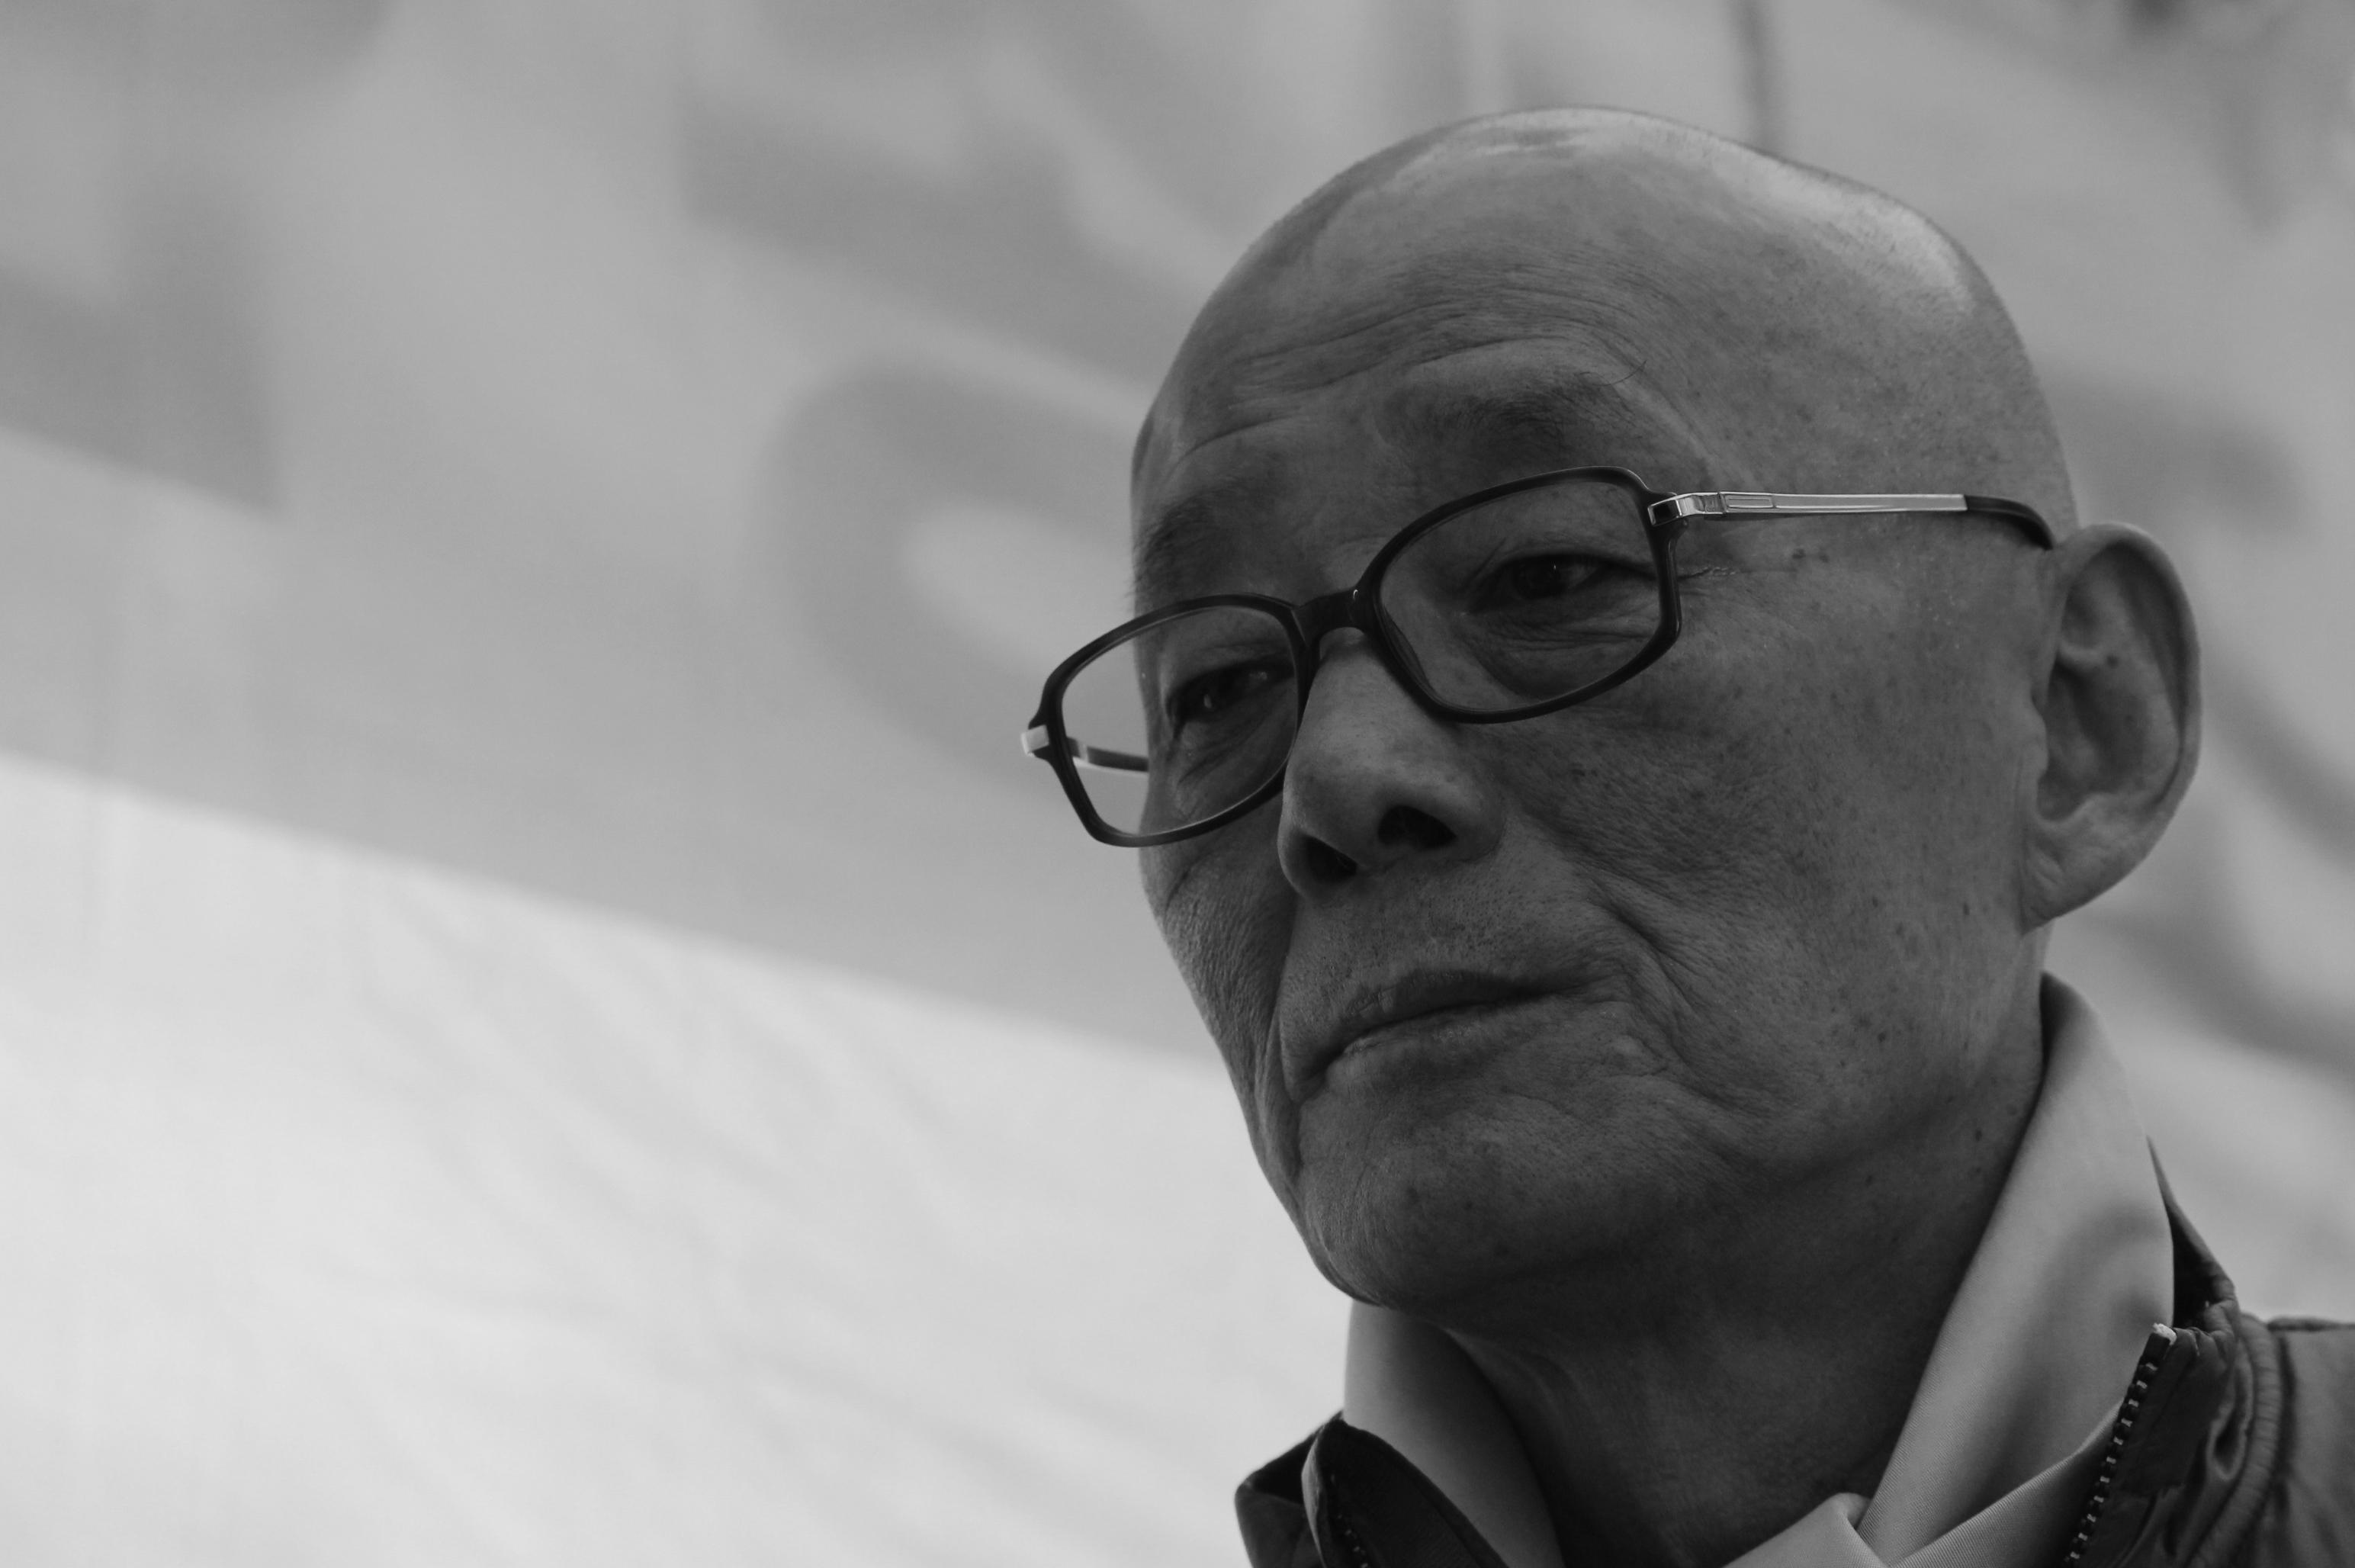 서울 조계사 앞에서 불교 적폐청산을 외치며, 단식 농성중인 명진 스님